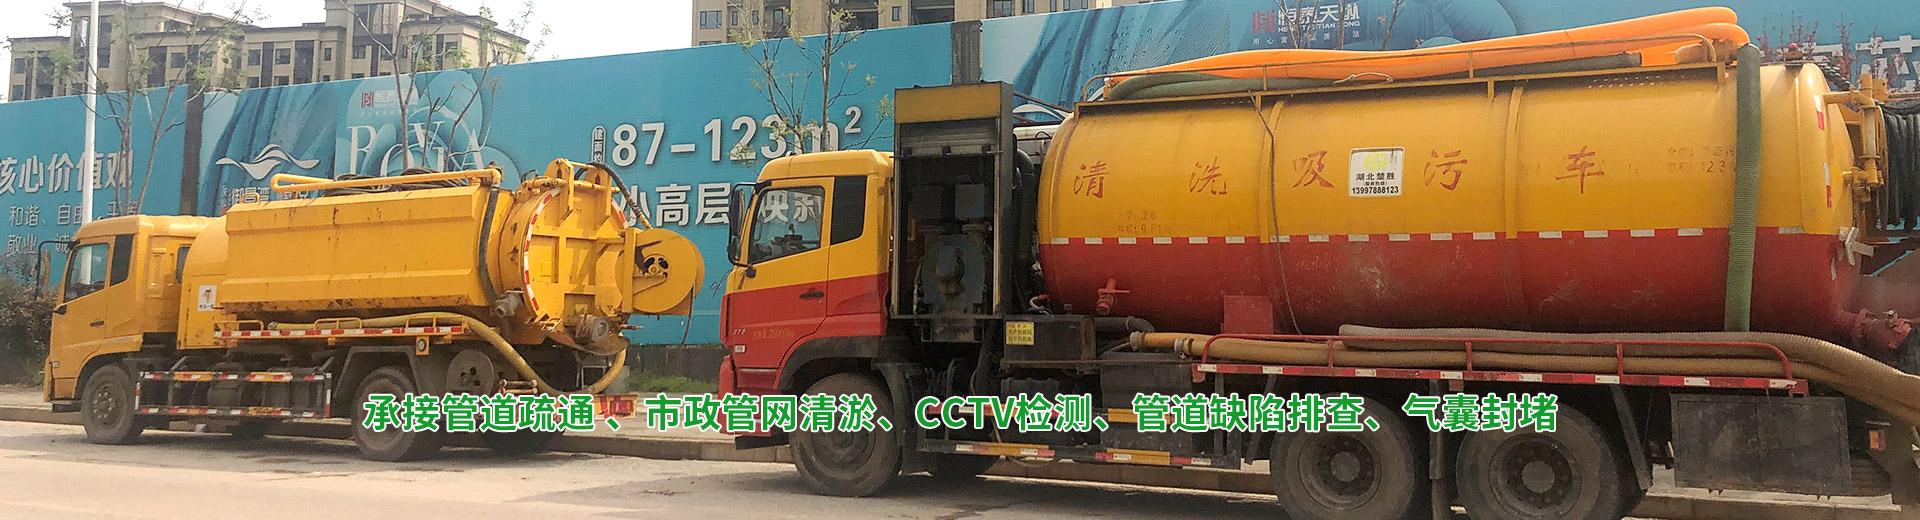 汉阳箱涵清淤